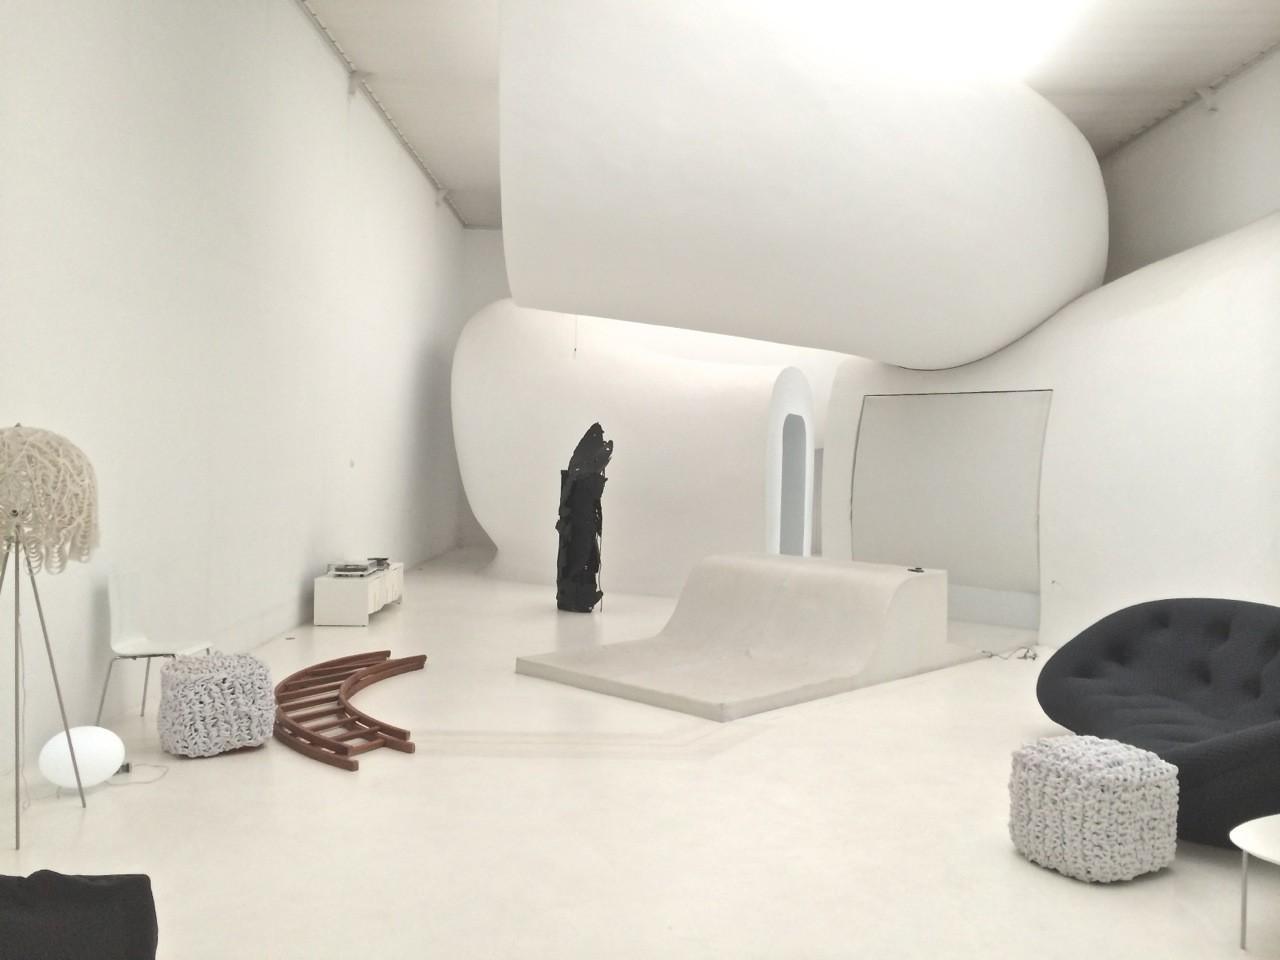 Intérieur-Jour Paris Centre Lieux Photos Studio Luxe Beauté Mode Design Showroom Lancement Produits Déco Blanc Atypique